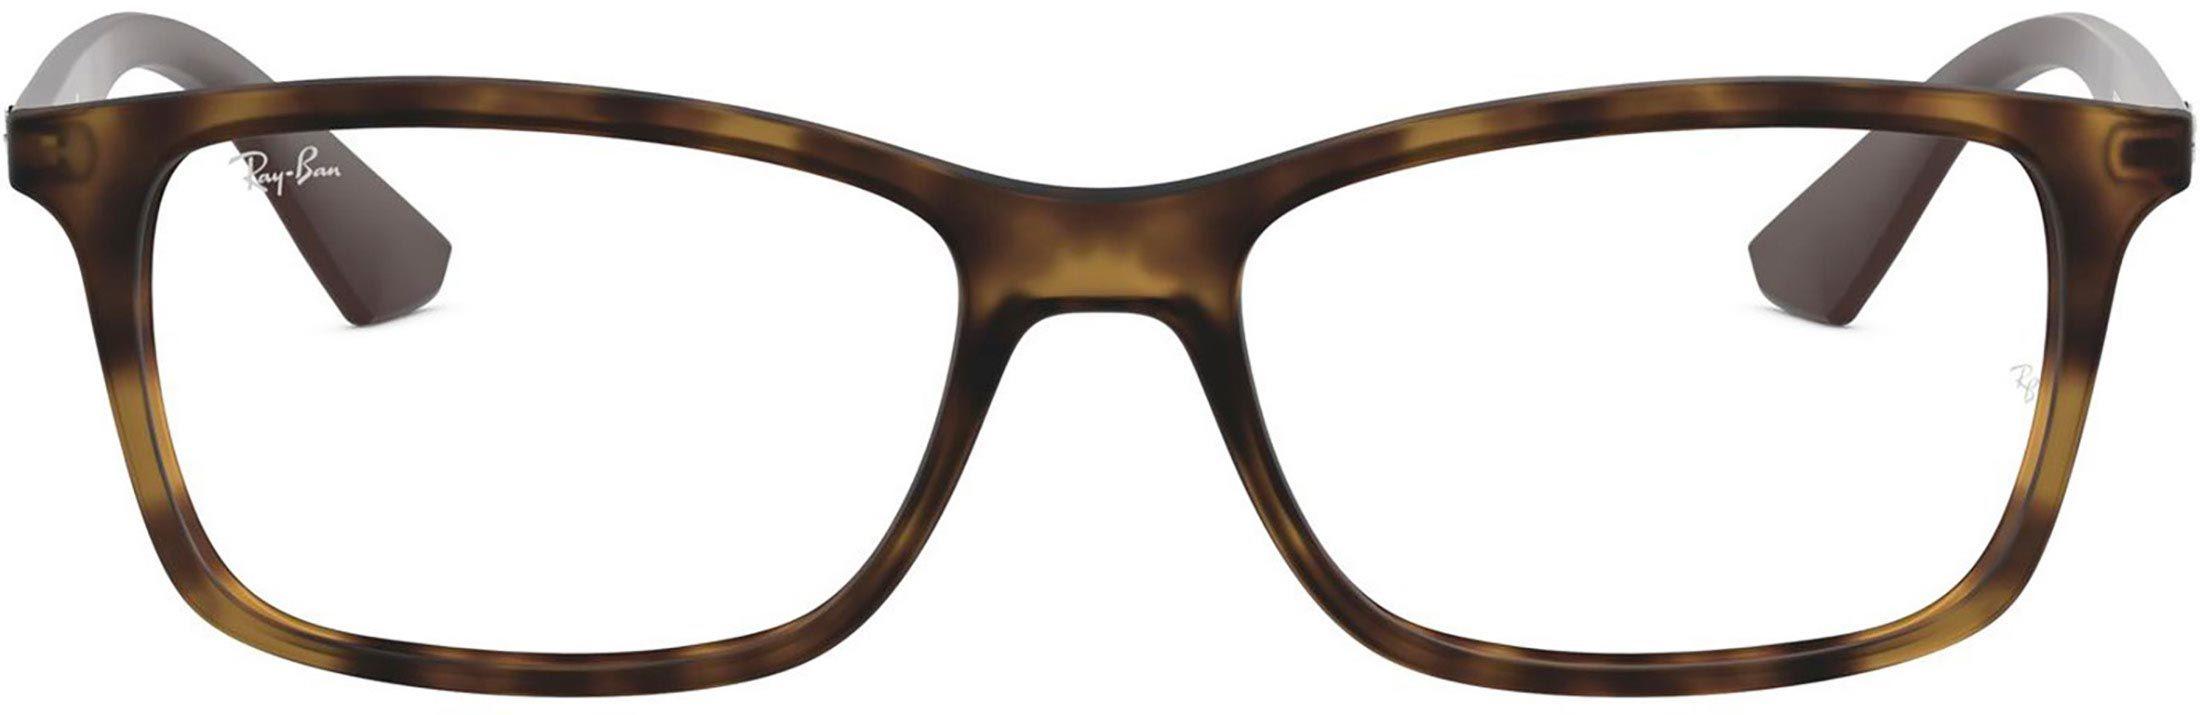 675a615cd7e4 Køb Unisex briller online til meget lav pris!